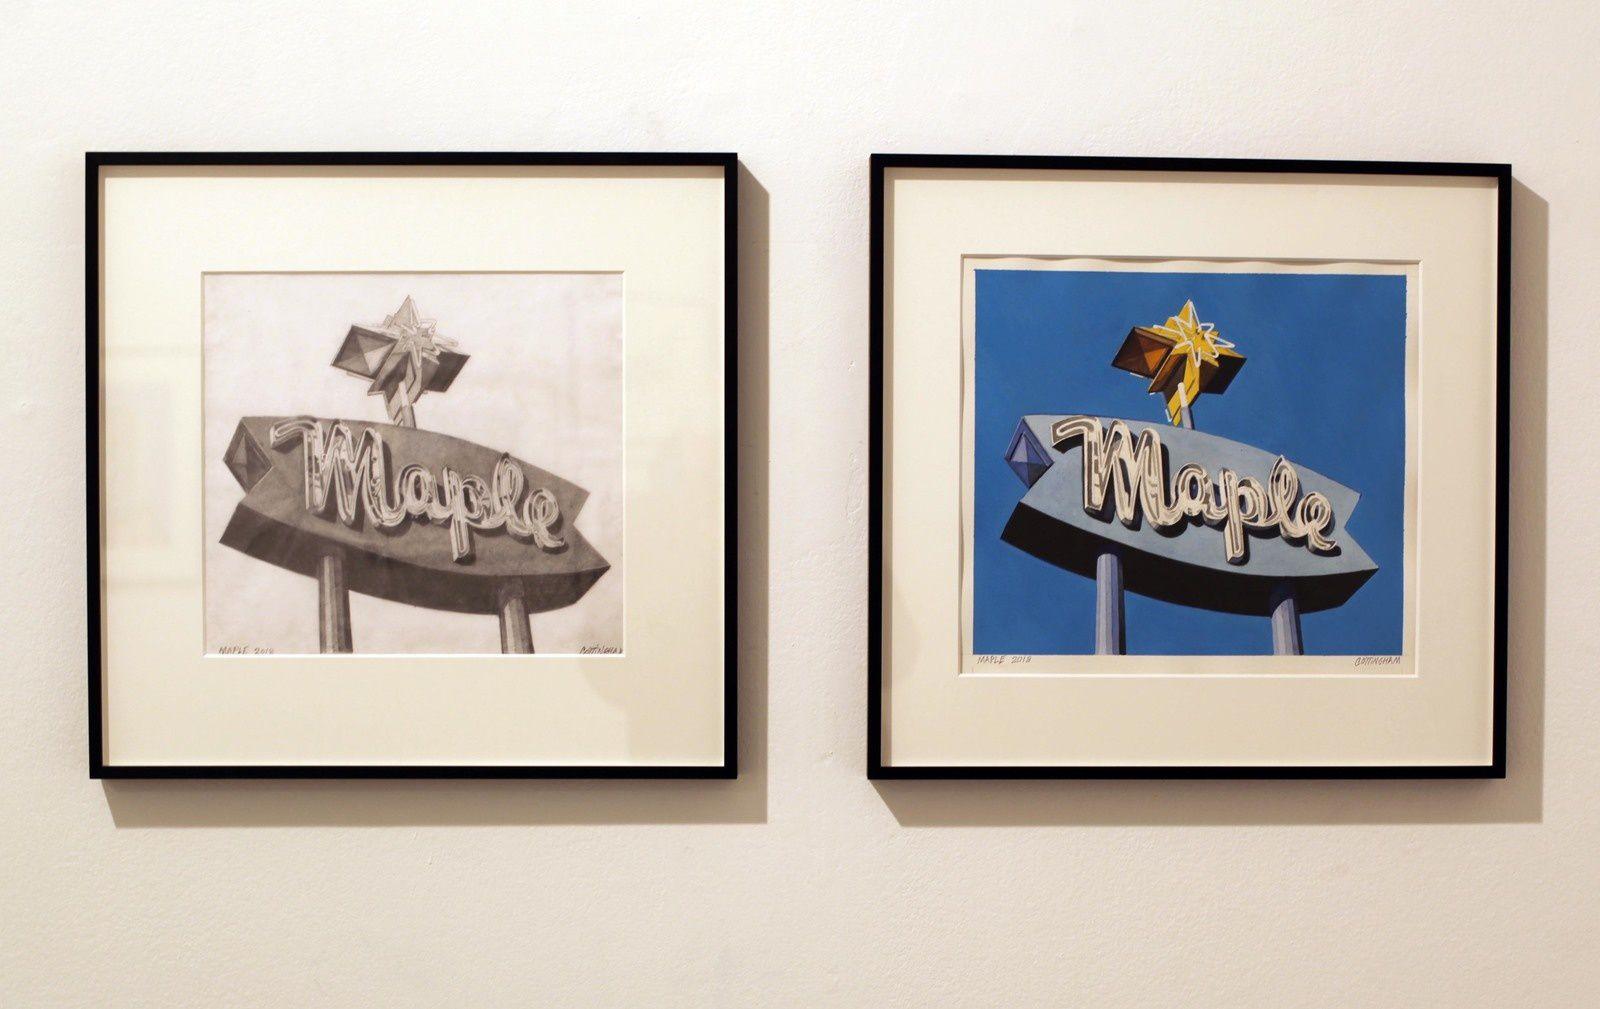 """""""Maple"""", 2018 et """"Maple"""", 2018 de Robert COTTINGHAM - Courtesy Galerie Georges-Philippe & Nathalie Vallois © Photo Éric Simon"""